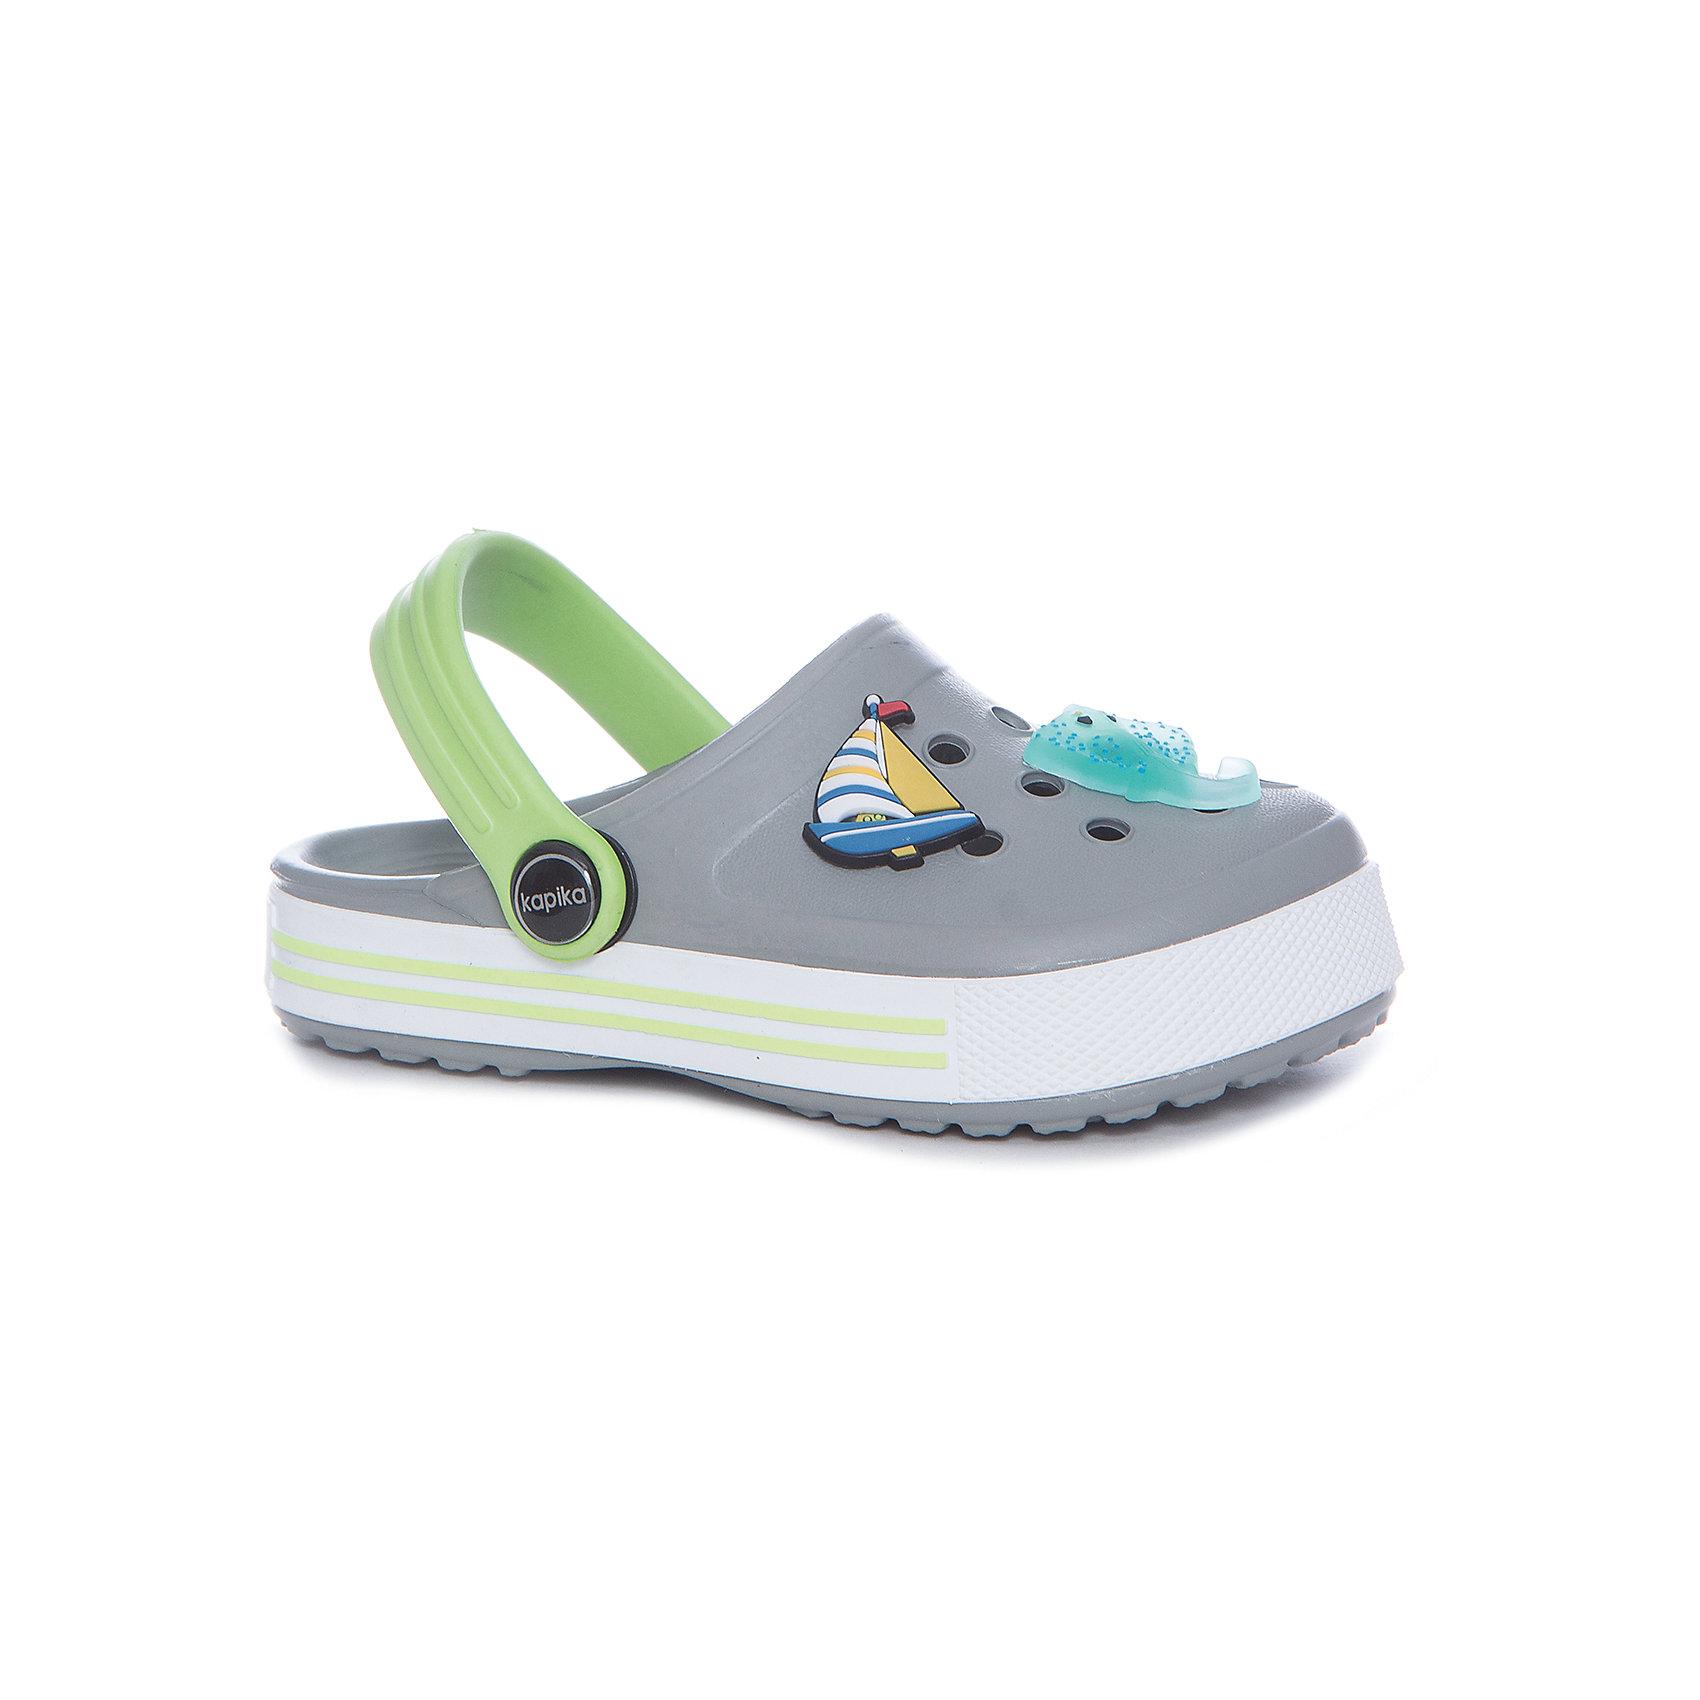 Сабо для мальчика KAPIKAПляжная обувь<br>Характеристики товара:<br><br>• пляжная обувь<br>• внешний материал обуви: ЭВА<br>• внутренний материал: ЭВА<br>• подошва:ЭВА<br>• сезон: лето<br>• страна бренда: Россия<br>• страна изготовитель: Китай<br><br>Сабо пляжные Kapika (Капика) можно купить в нашем интернет-магазине.<br><br>Ширина мм: 227<br>Глубина мм: 145<br>Высота мм: 124<br>Вес г: 325<br>Цвет: разноцветный<br>Возраст от месяцев: 108<br>Возраст до месяцев: 120<br>Пол: Мужской<br>Возраст: Детский<br>Размер: 33,28,29,30,31,32<br>SKU: 5324353